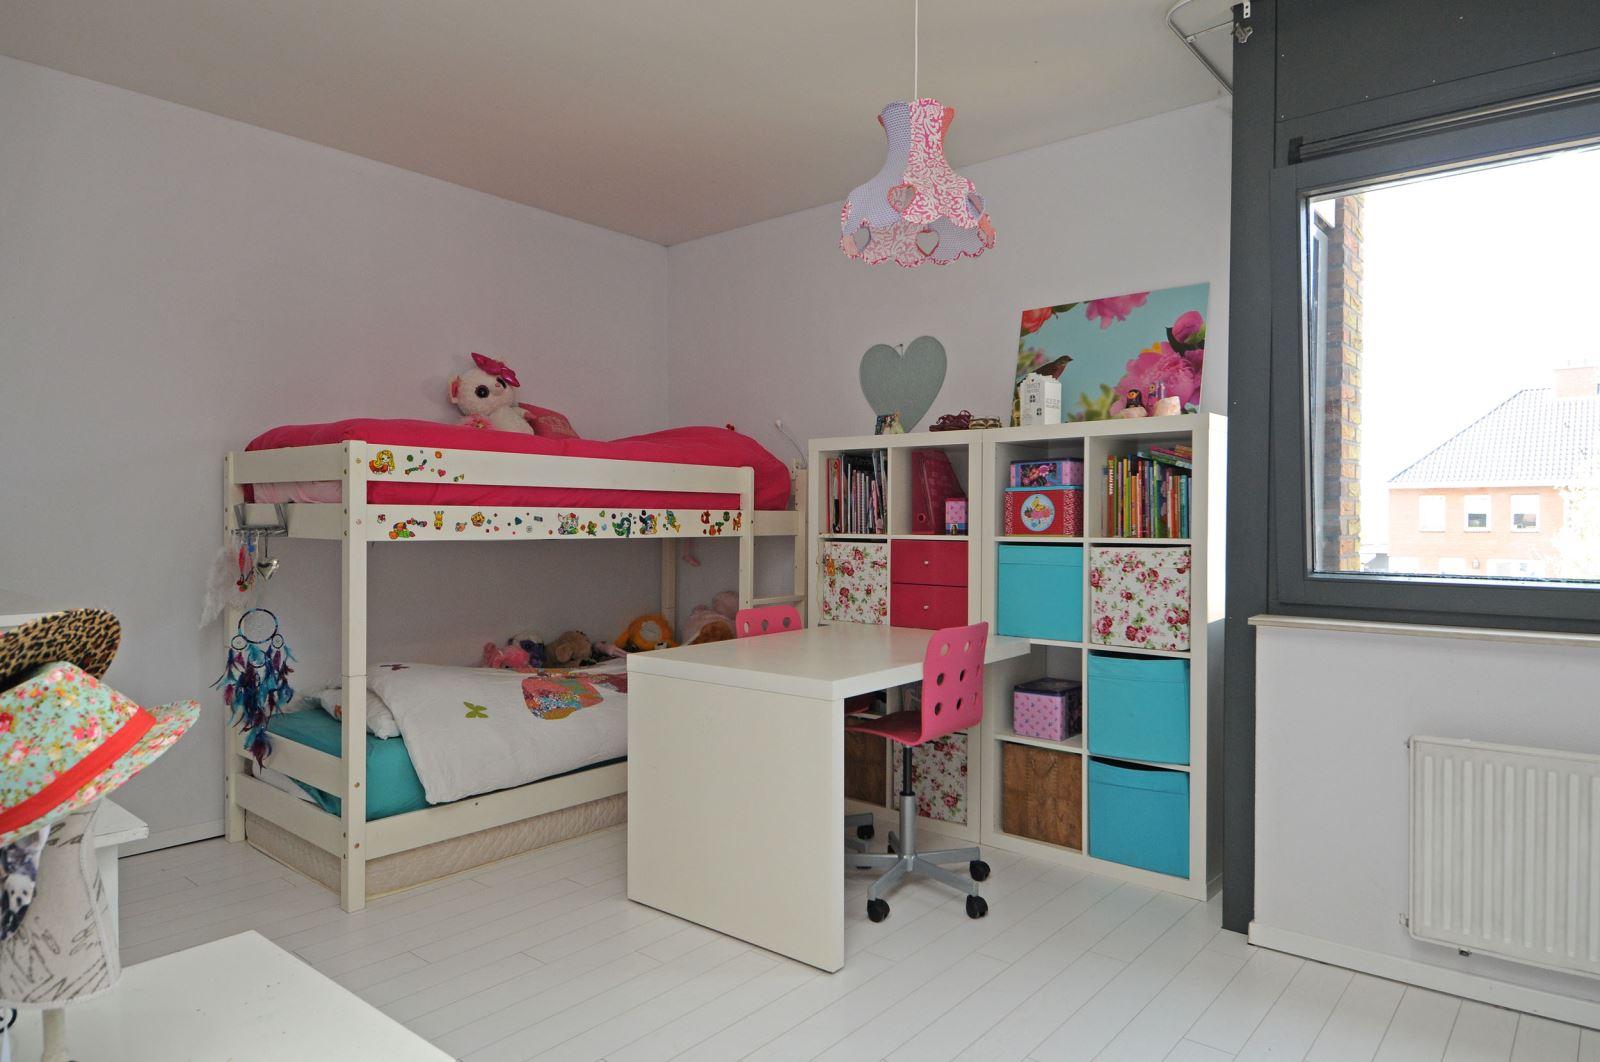 slaapkamer foto 11